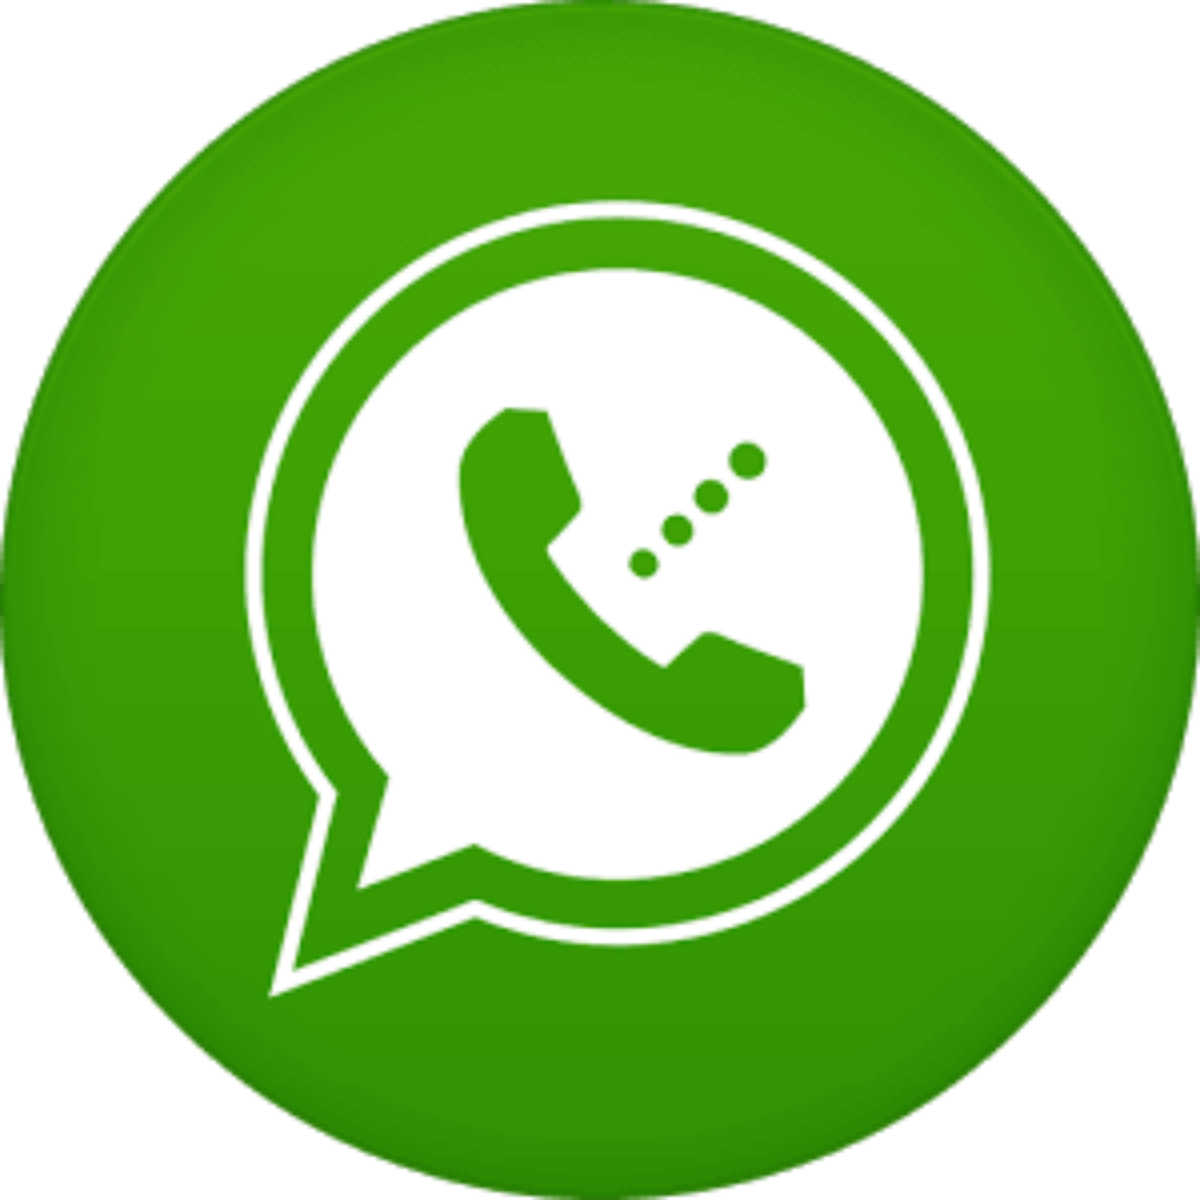 New WhatsApp Status Guide